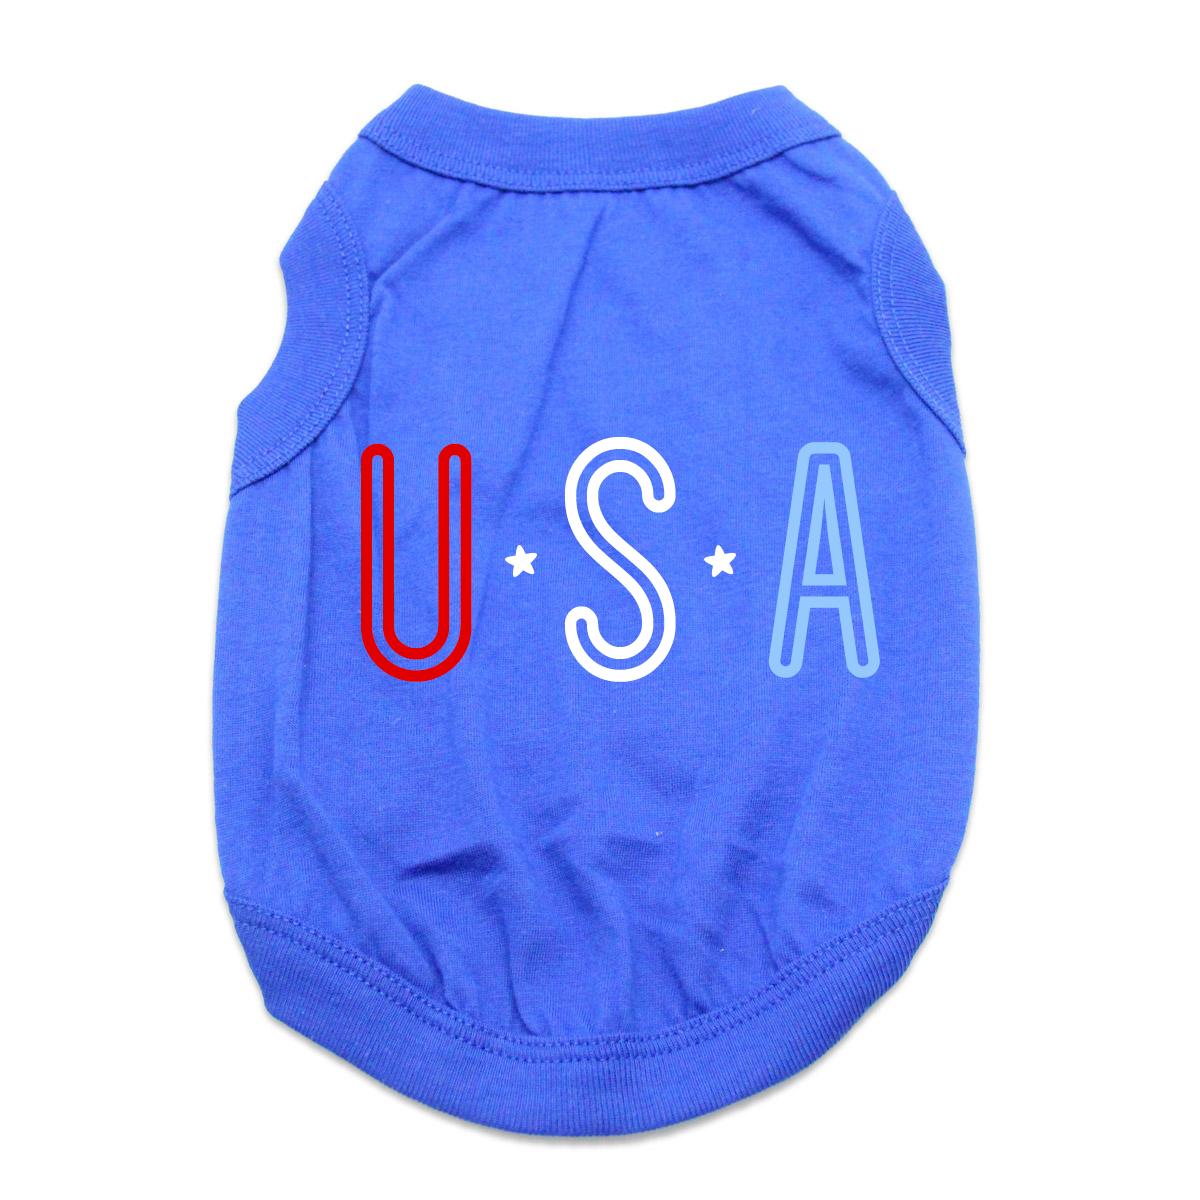 USA Dog Shirt - Blue